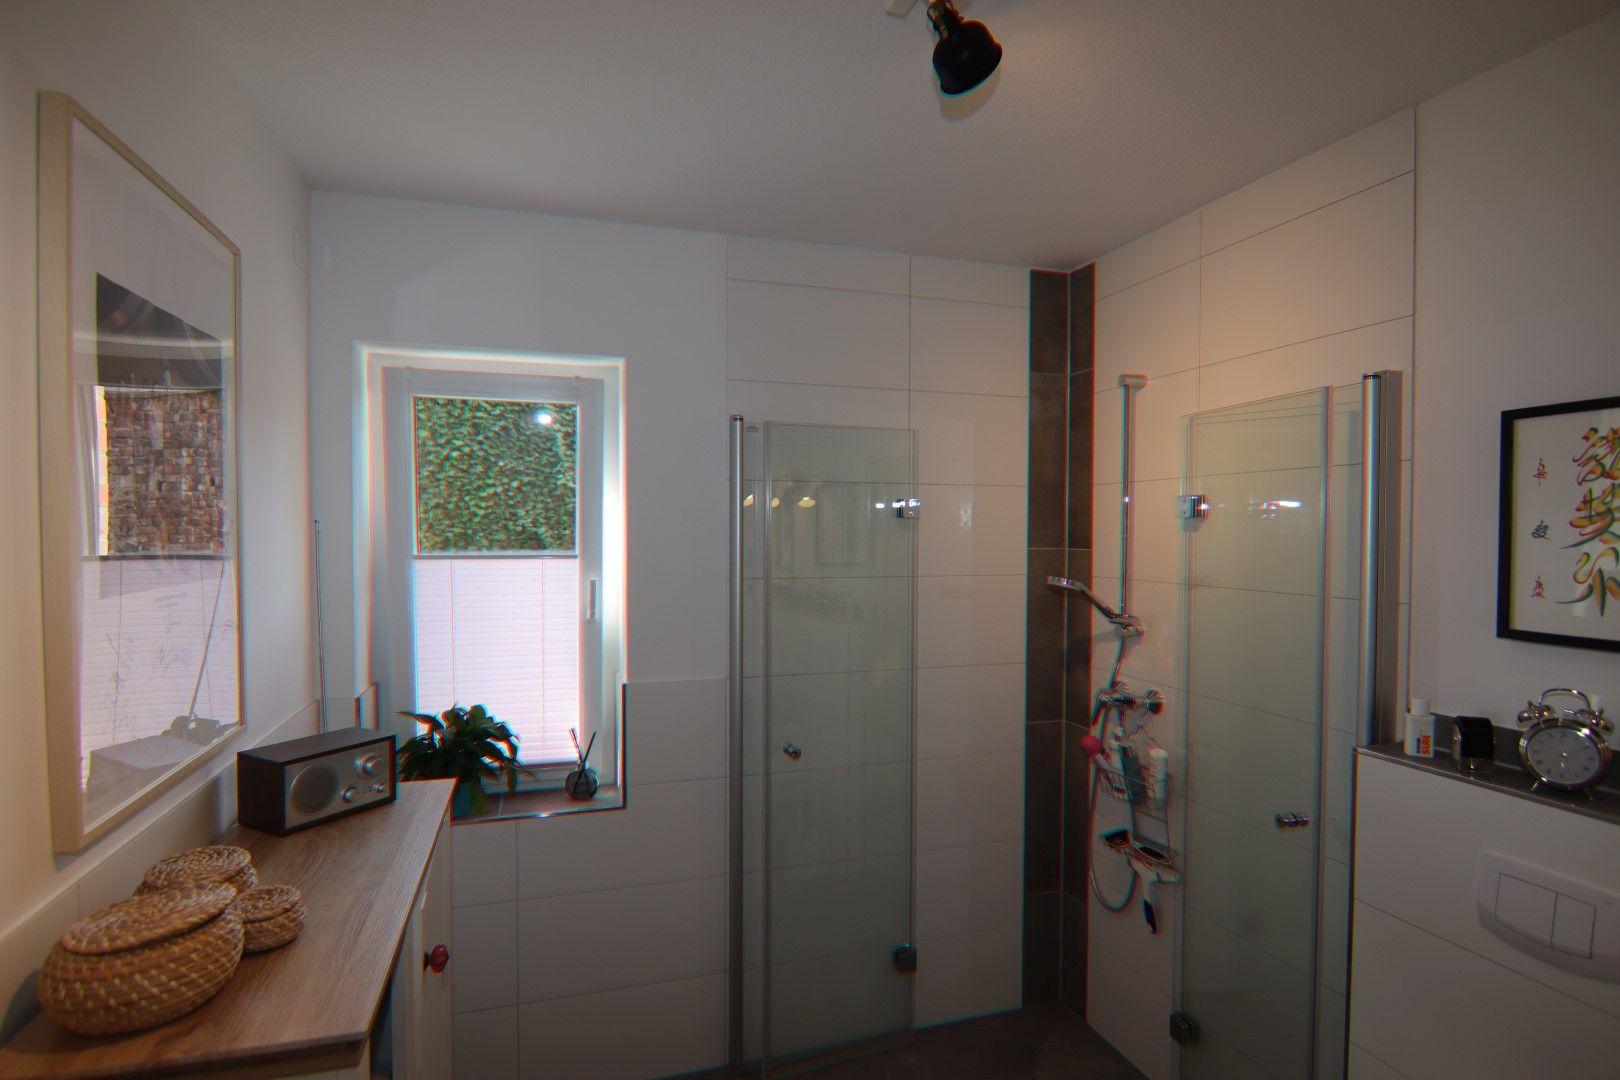 Immobilie Nr.0266 - 2-Raum-Erdgeschoss-Wohnung im Neubau mit hochwertiger Ausstattung - Bild 13.jpg